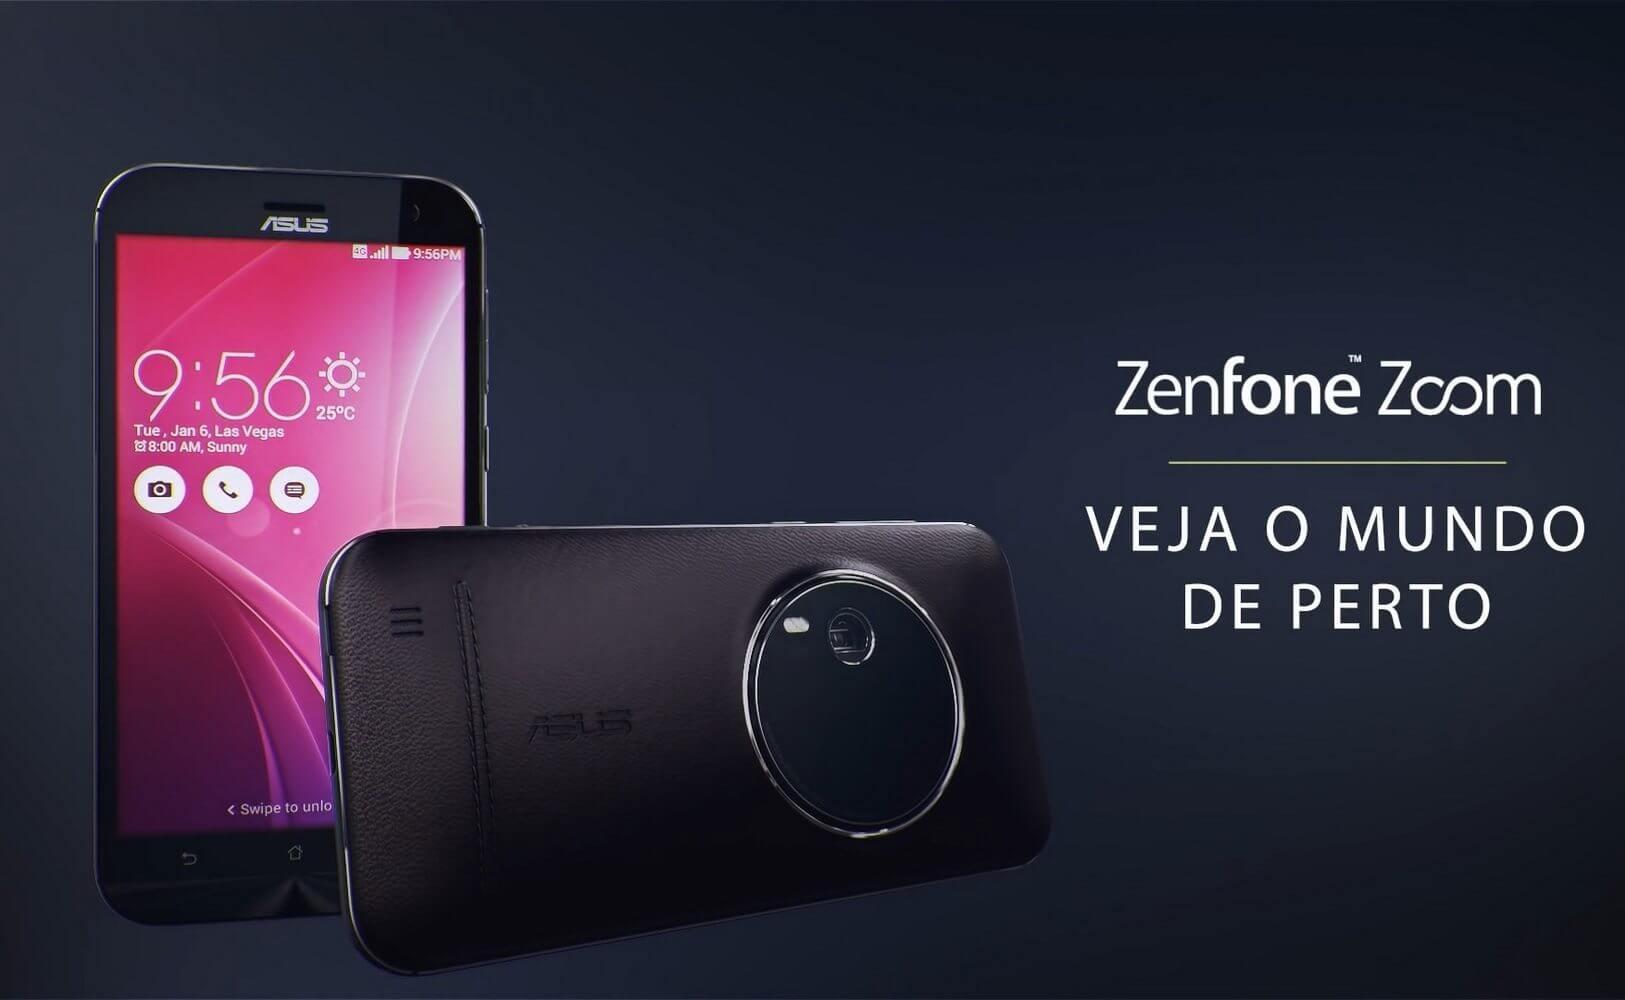 Review: Asus Zenfone Zoom - Ótimo smartphone, excelente câmera